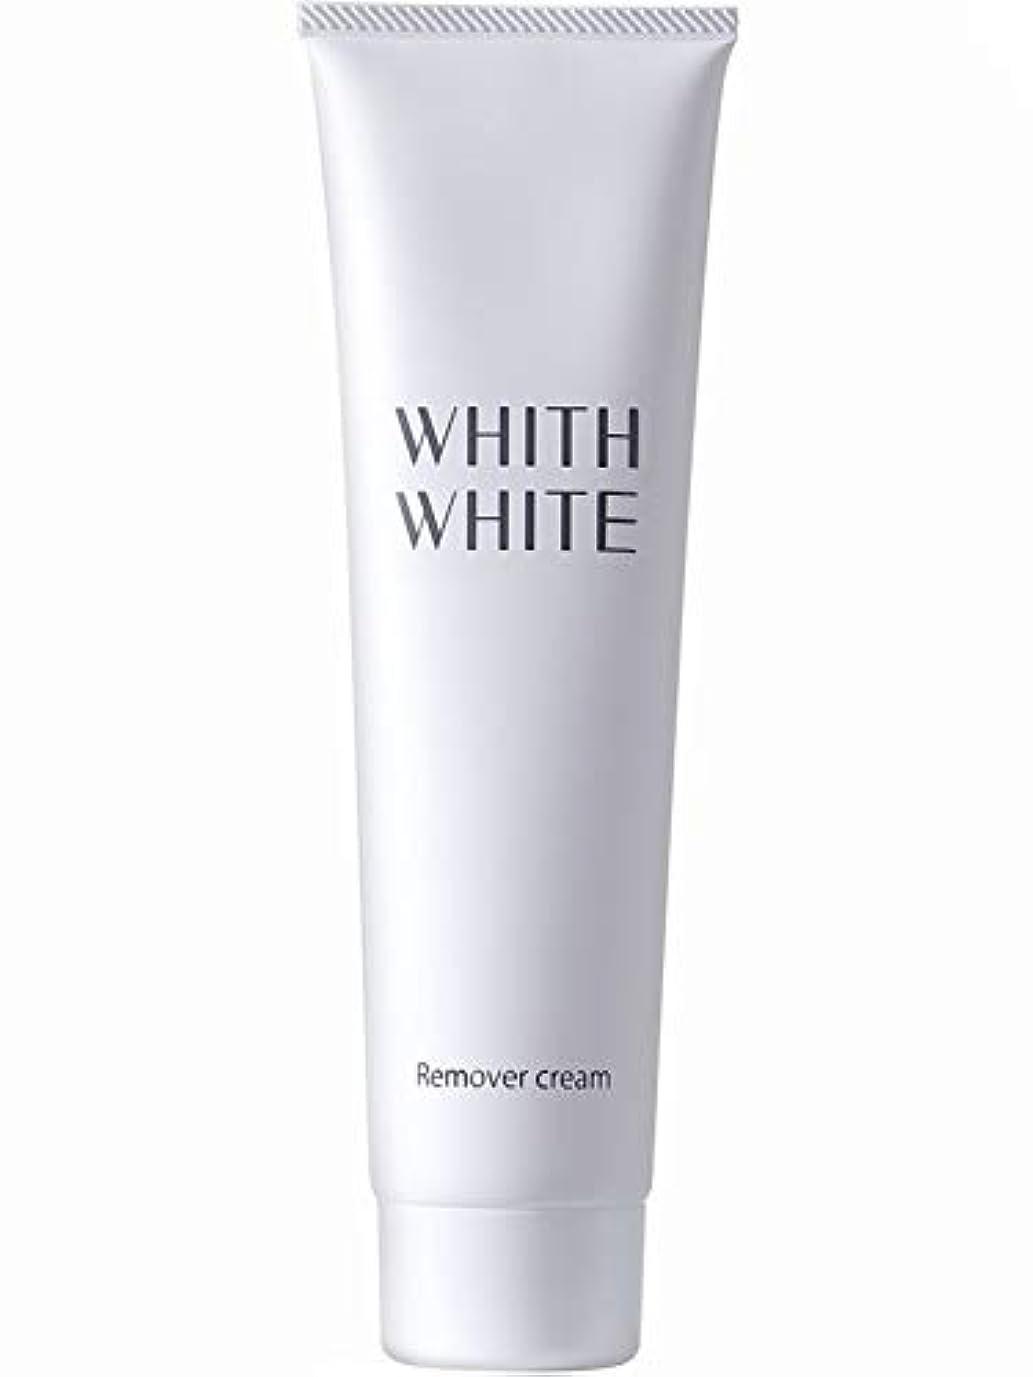 パプアニューギニアバレエ有効化【医薬部外品】 WHITH WHITE(フィス ホワイト) 除毛クリーム 150g 陰部 使用可能